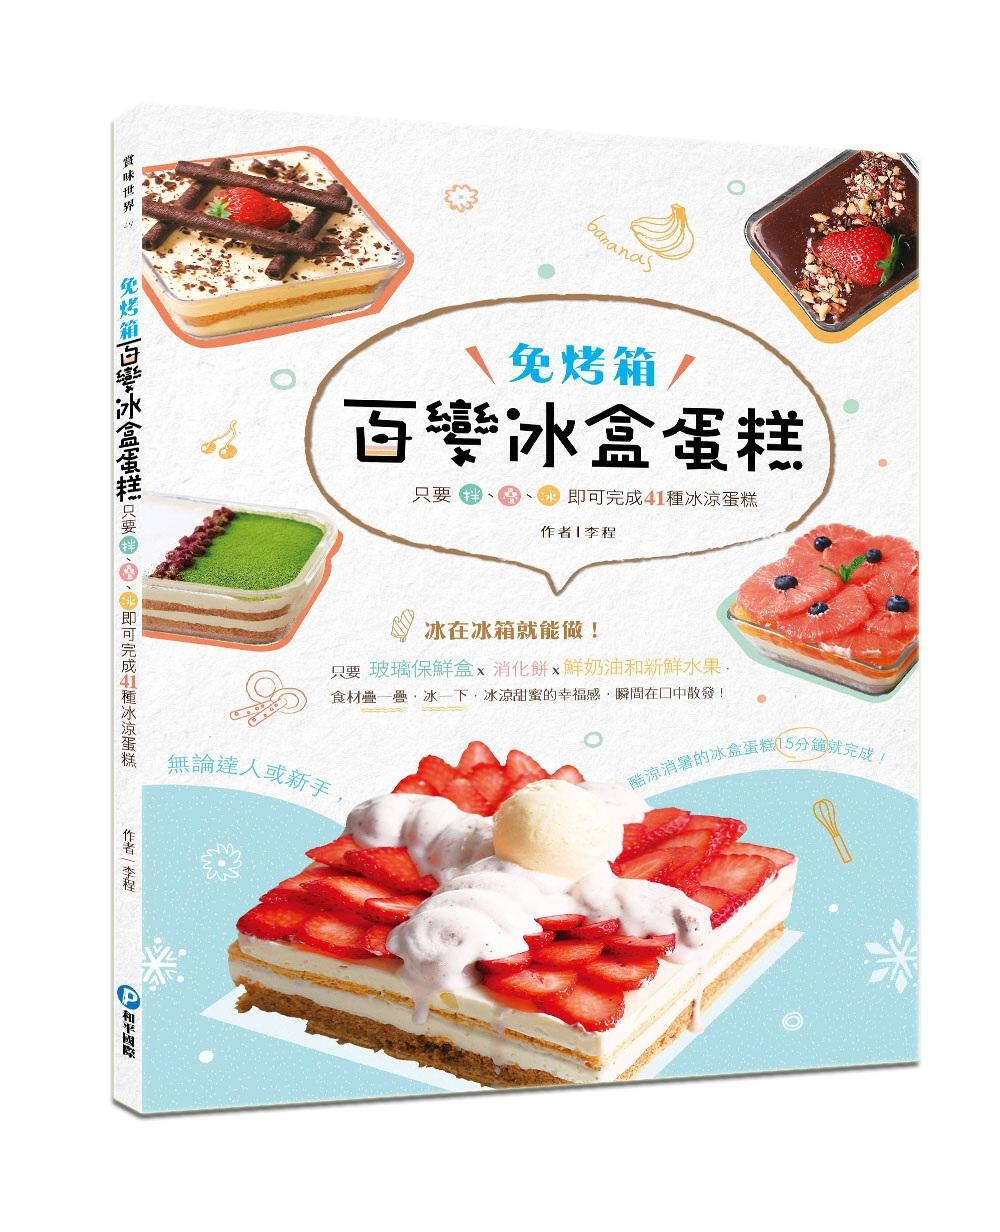 百變冰盒蛋糕:免烤箱!只要拌、疊、冰即可完成41種冰涼蛋糕